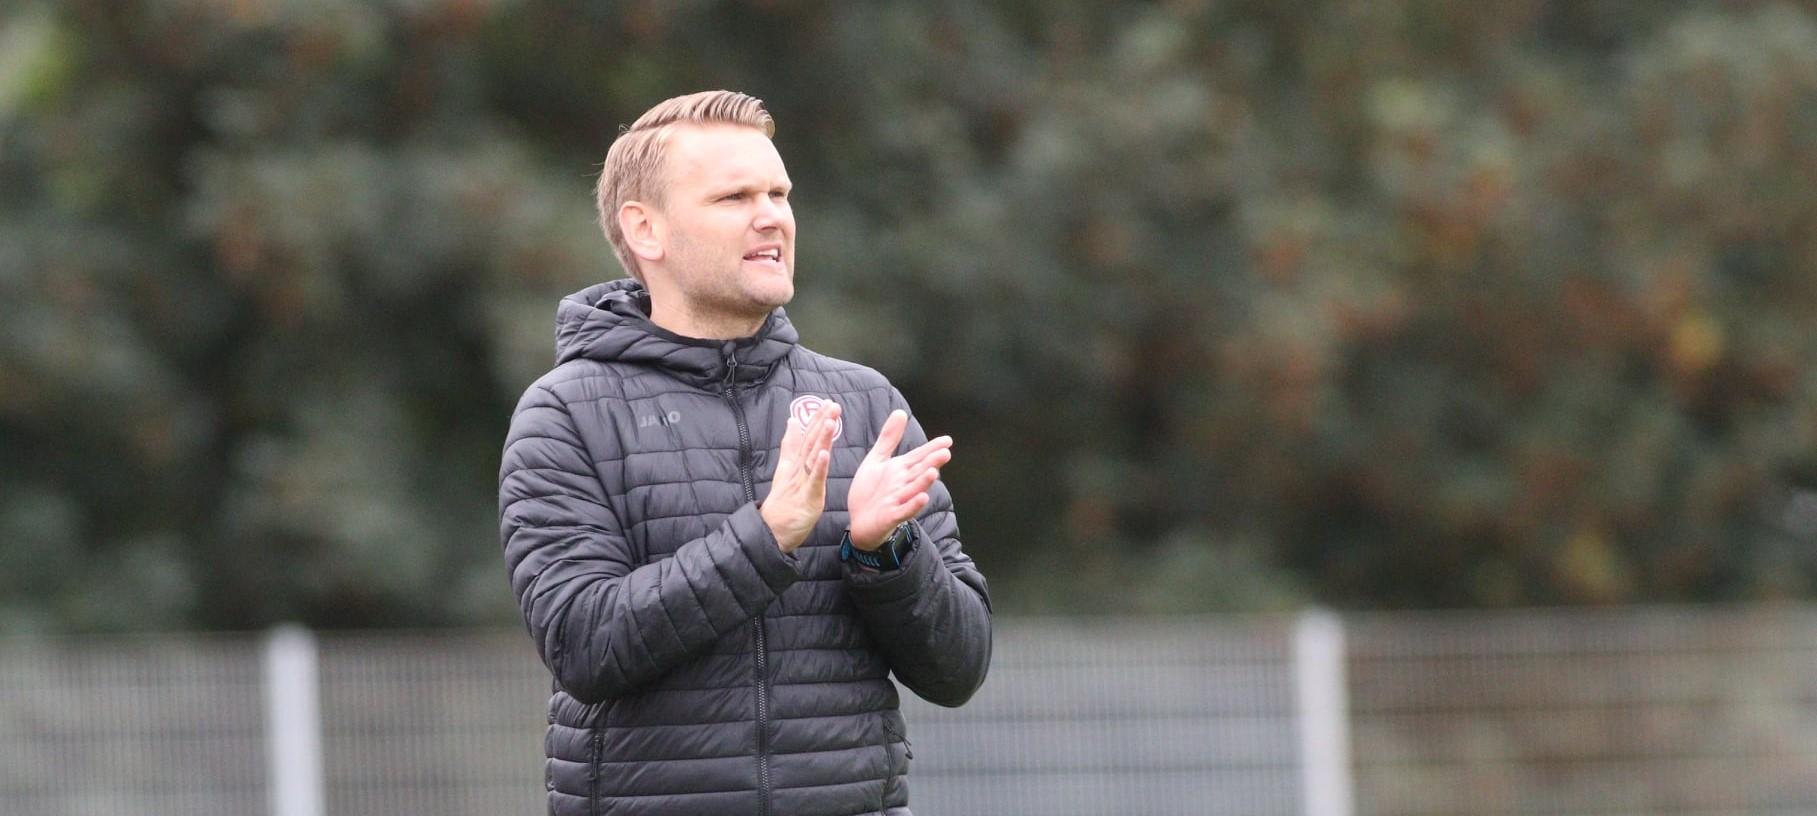 Am Samstag trifft U17-Coach Simon Hohenberg mit seinen Schützlingen auf die Geißböcke, danach folgen Duelle gegen den BVB und Lippstadt. (Foto: Breilmannswiese)